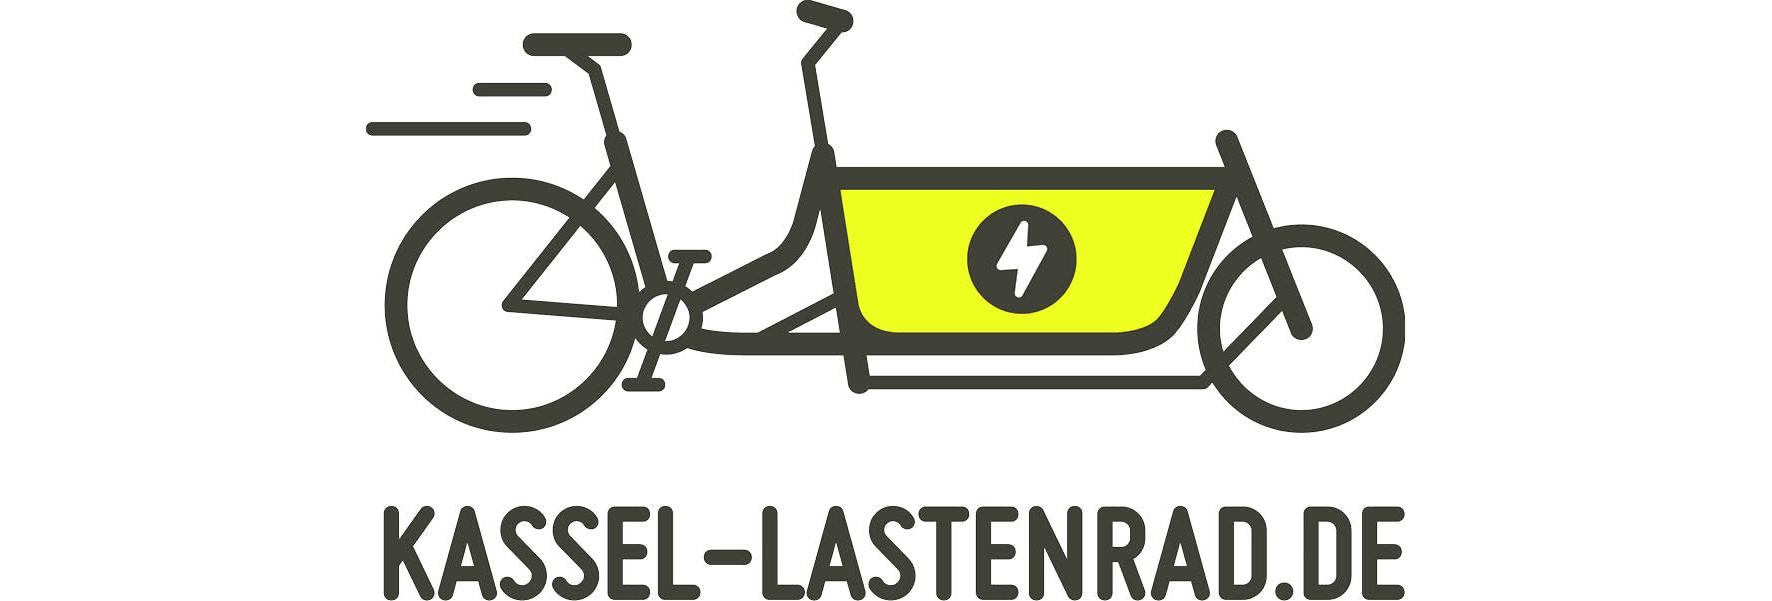 Kassel-Lastenrad